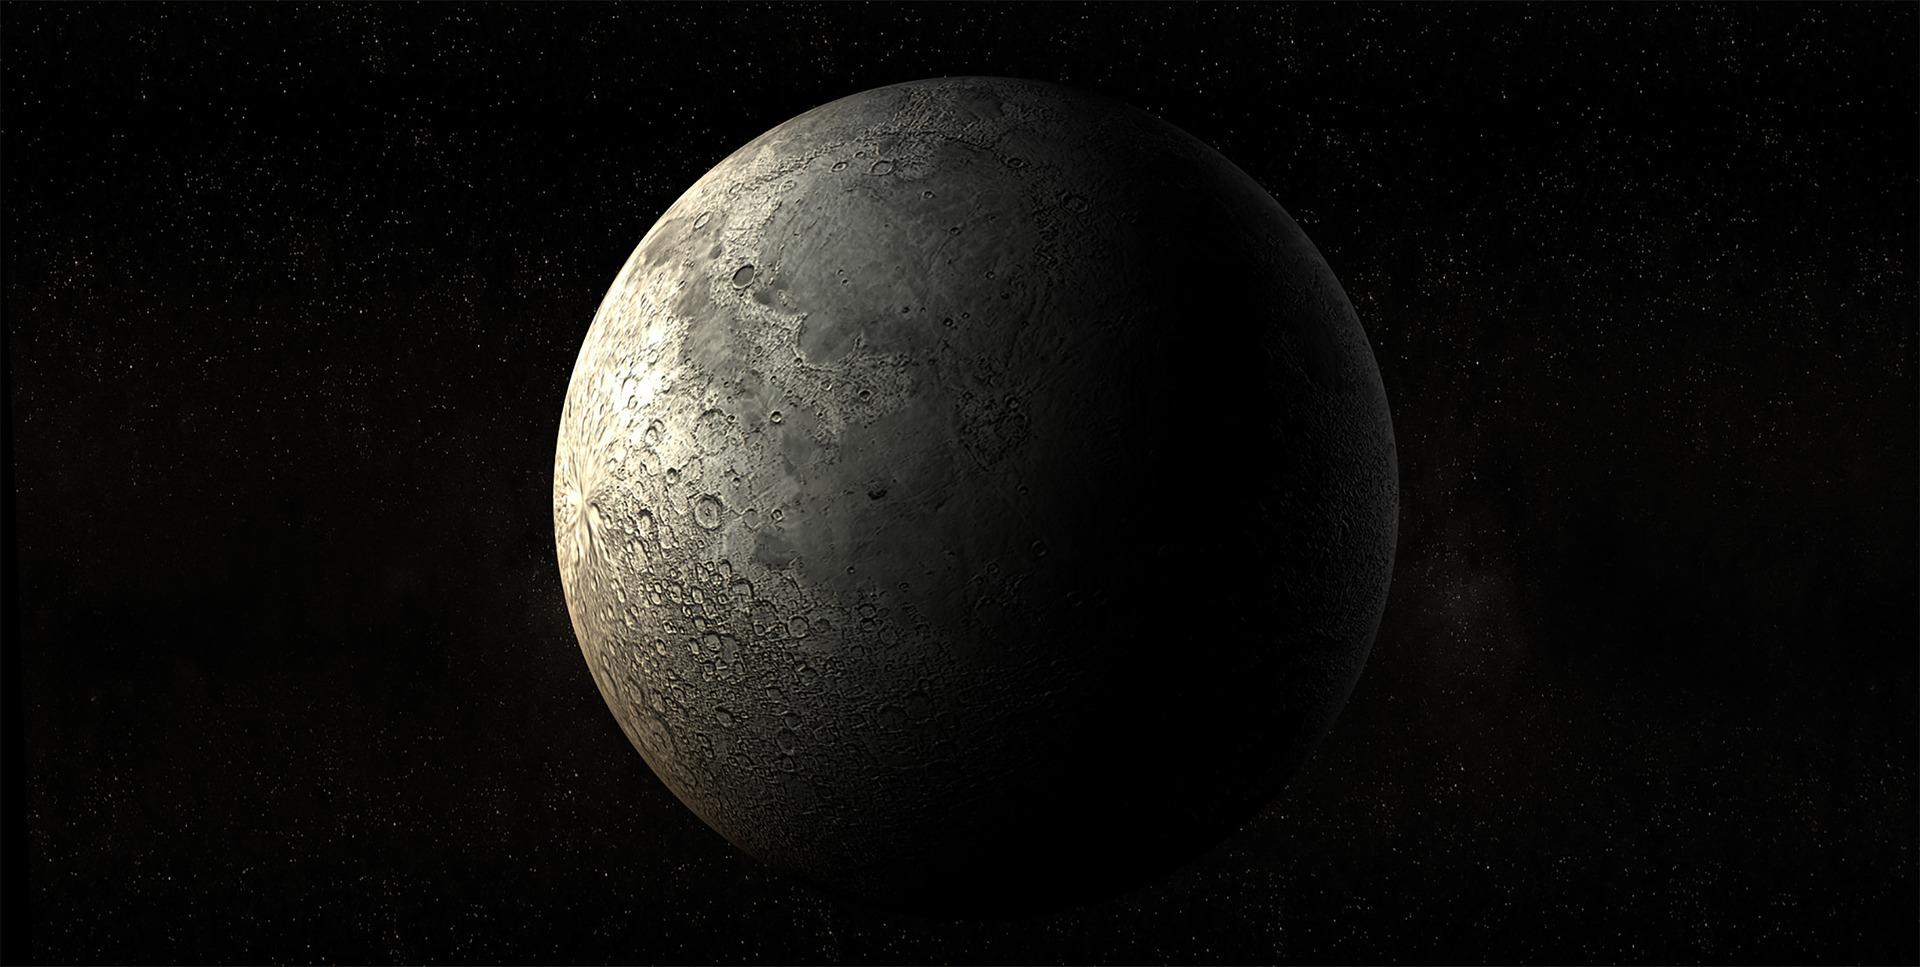 Die dunkle Seite des Mondes bvik